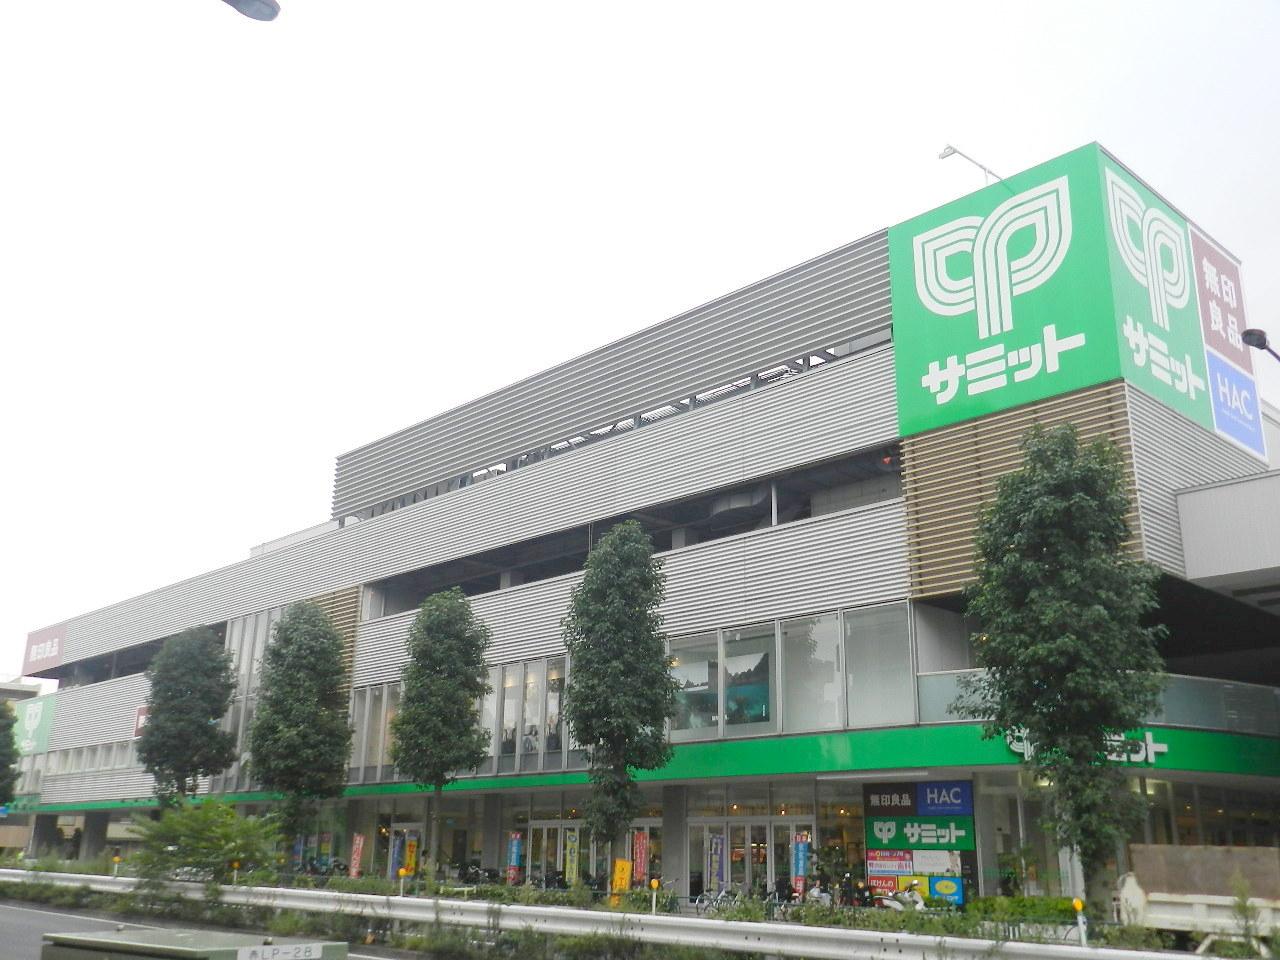 スーパー:サミットストア 砧環八通り店 671m